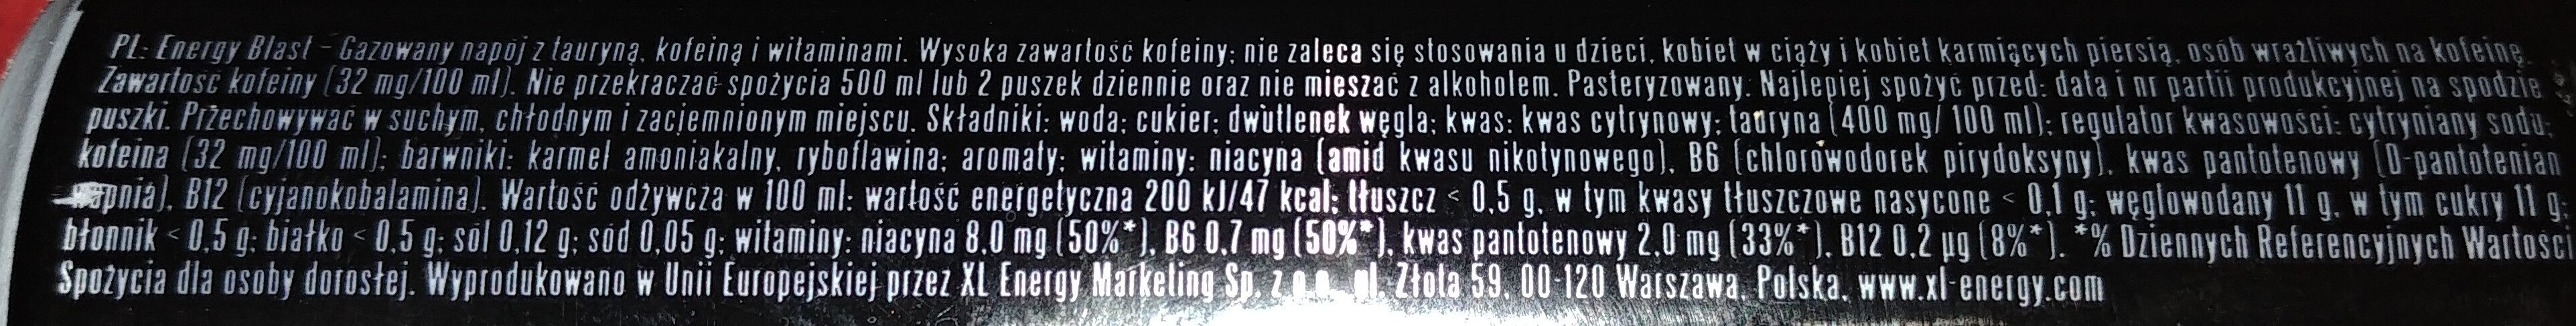 Gazowany napój z tauryną, kofeiną i witaminami - Wartości odżywcze - pl